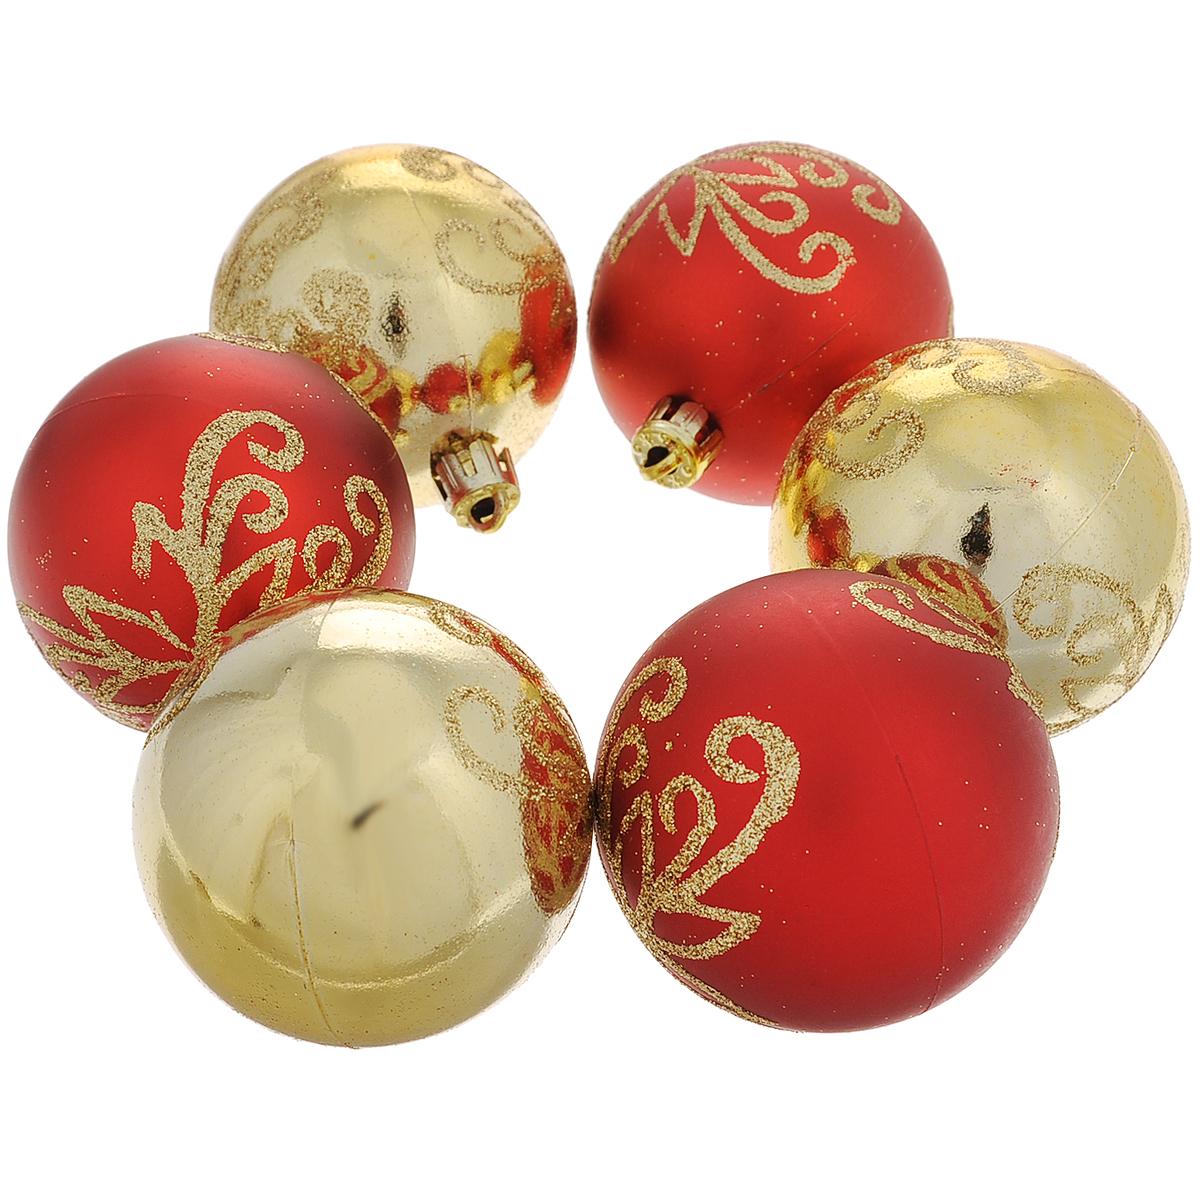 Набор новогодних подвесных украшений Шар, цвет: красный, золотистый, диаметр 6 см, 6 шт. 3549135491Набор новогодних подвесных украшений Шар прекрасно подойдет для праздничного декора новогодней ели. Набор состоит из шести шаров: три золотистых и три красных шарика, выполненных из пластика. Шары украшены изящными цветами из золотистых блесток. Для удобного размещения на елке для каждого шара предусмотрена текстильная петелька.Елочная игрушка - символ Нового года. Она несет в себе волшебство и красоту праздника. Создайте в своем доме атмосферу веселья и радости, украшая новогоднюю елку нарядными игрушками, которые будут из года в год накапливать теплоту воспоминаний.Коллекция декоративных украшений принесет в ваш дом ни с чем несравнимое ощущение волшебства! Откройте для себя удивительный мир сказок и грез. Почувствуйте волшебные минуты ожидания праздника, создайте новогоднее настроение вашим дорогим и близким.